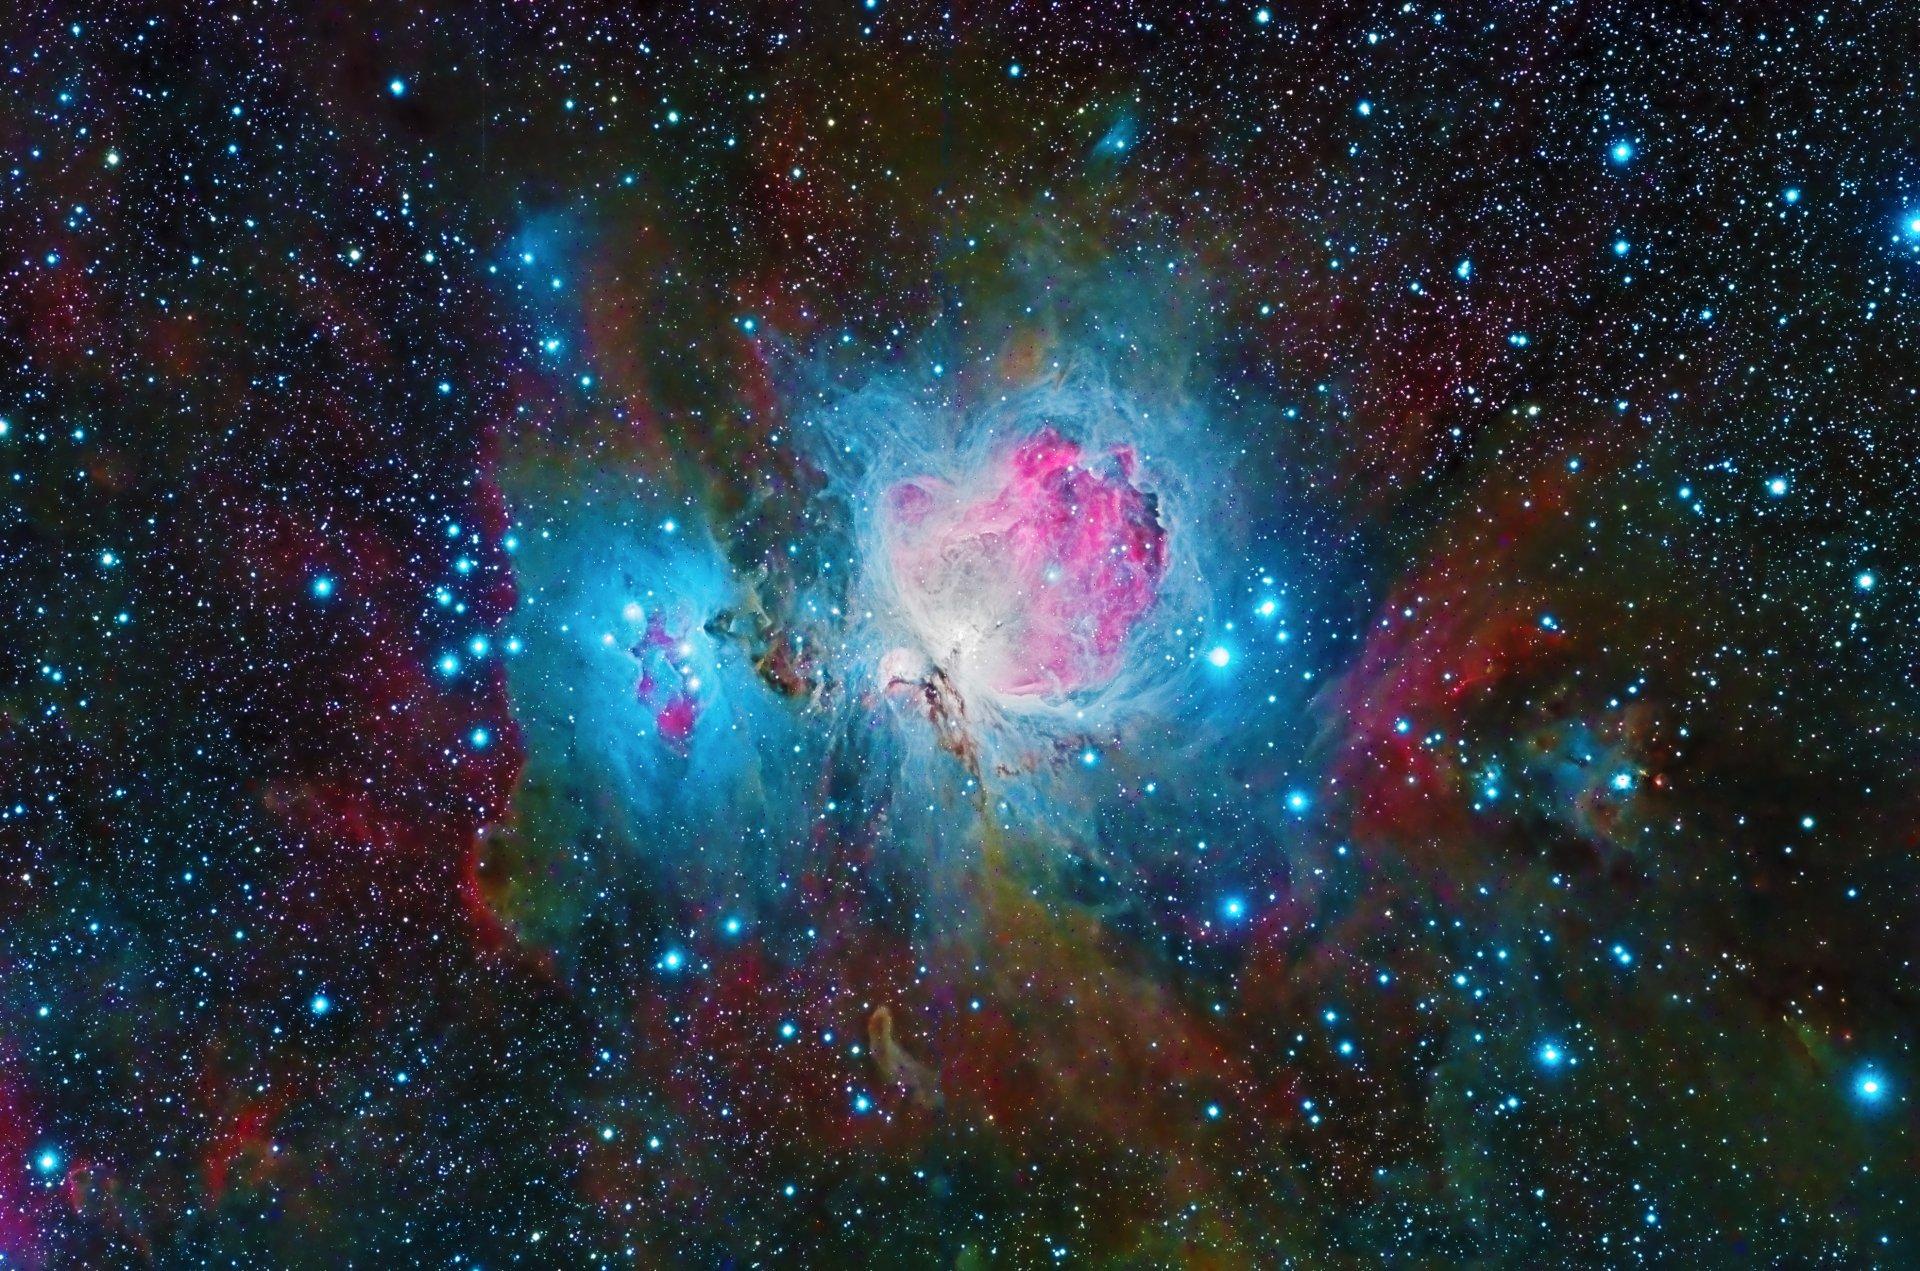 Nebula 4k ultra hd wallpaper background image - 1080p nebula wallpaper ...